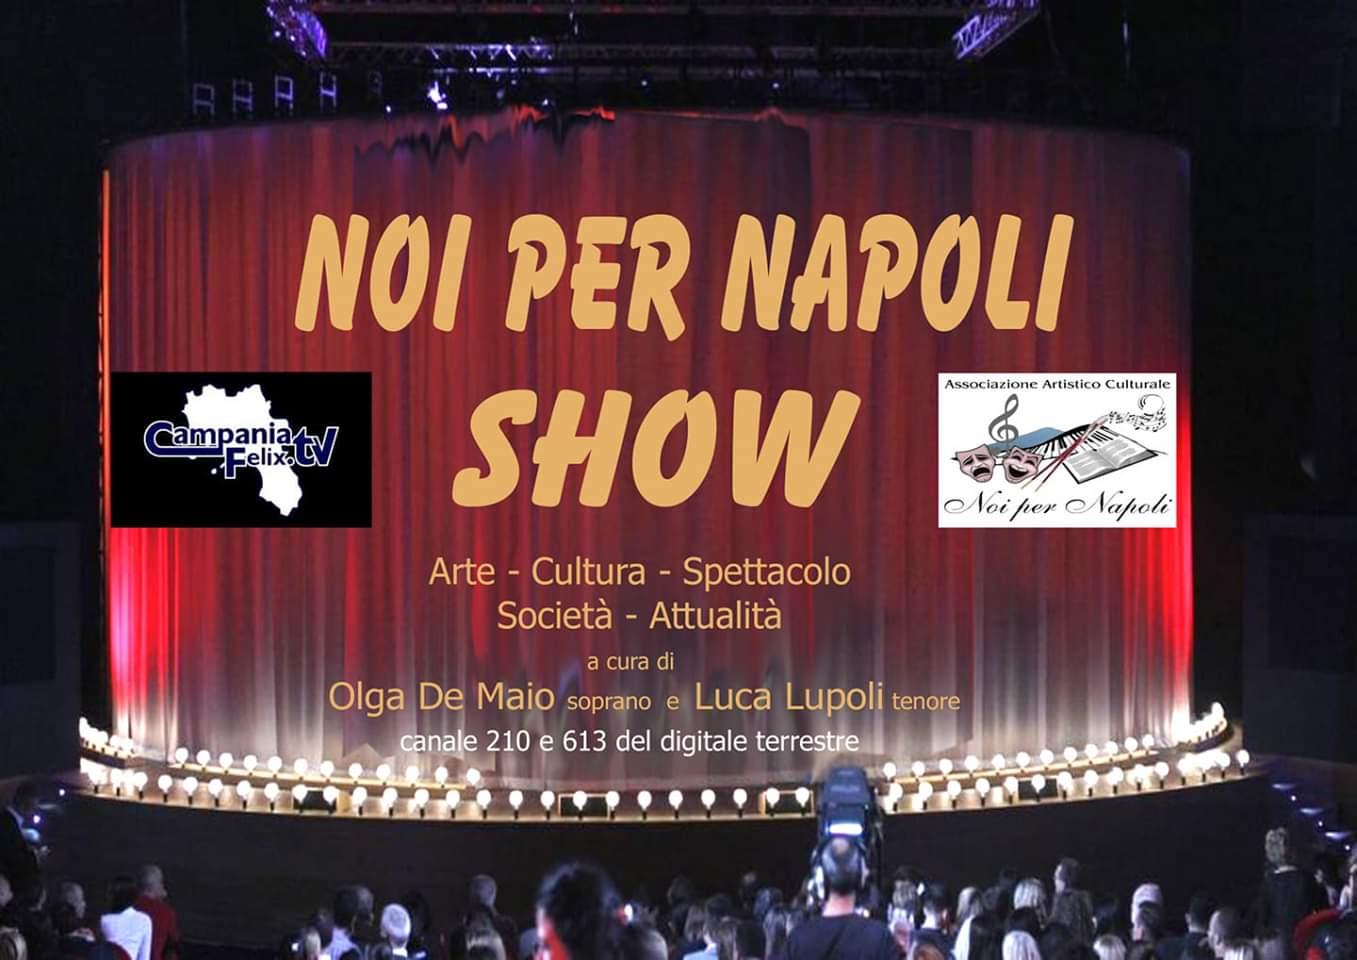 Noi per Napoli Show in Tv